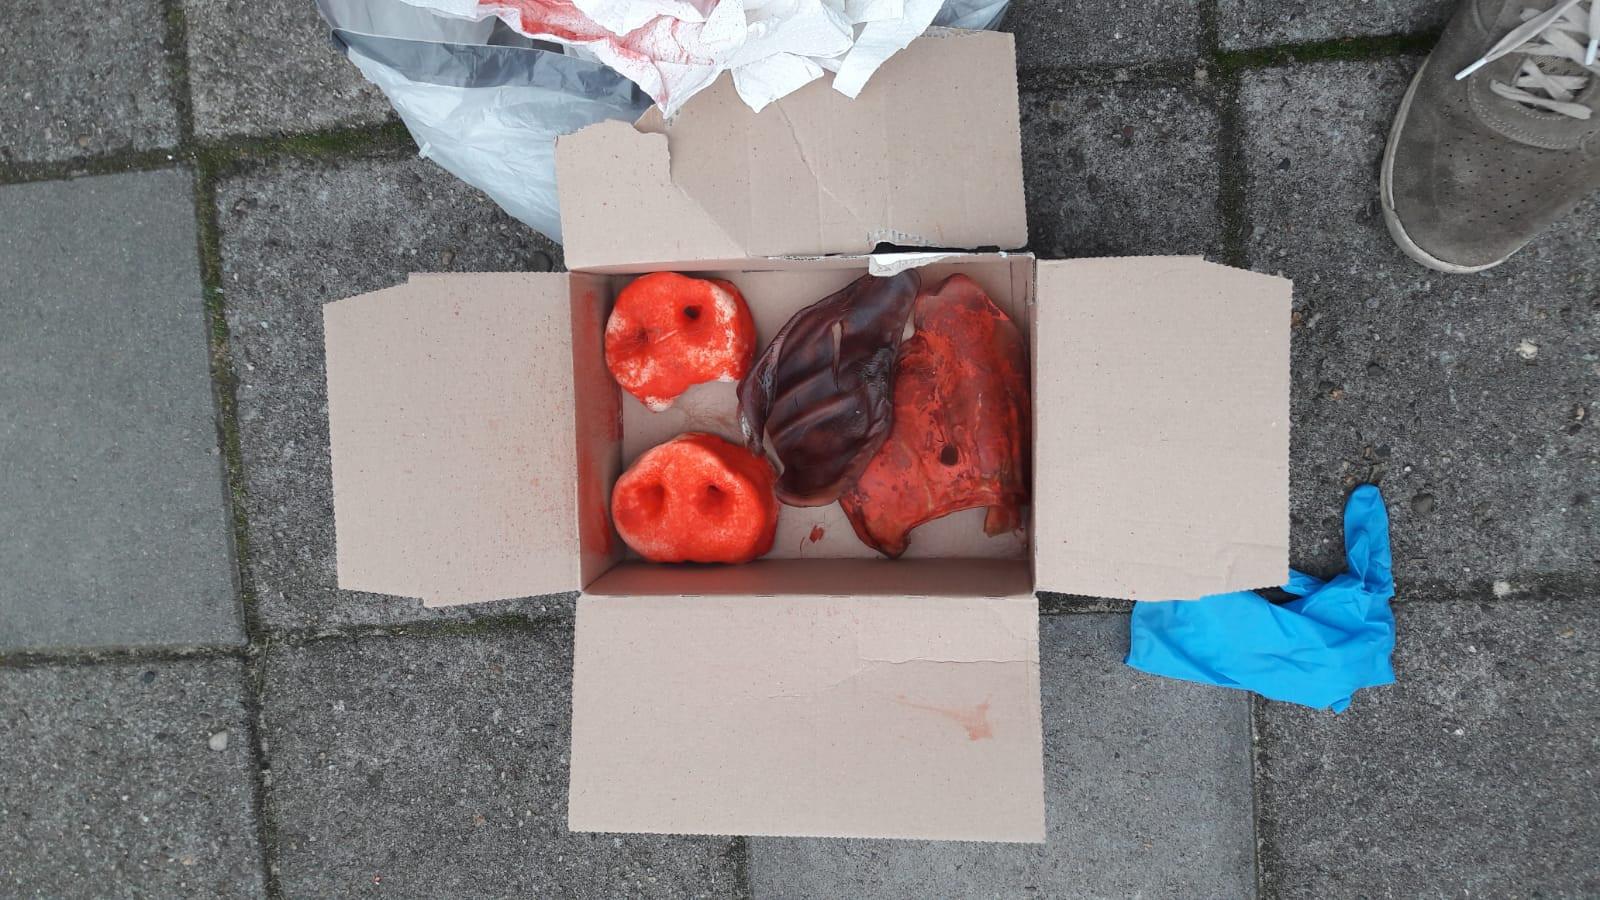 Het pakketje met daarin met bloed besmeurde delen van een varken.